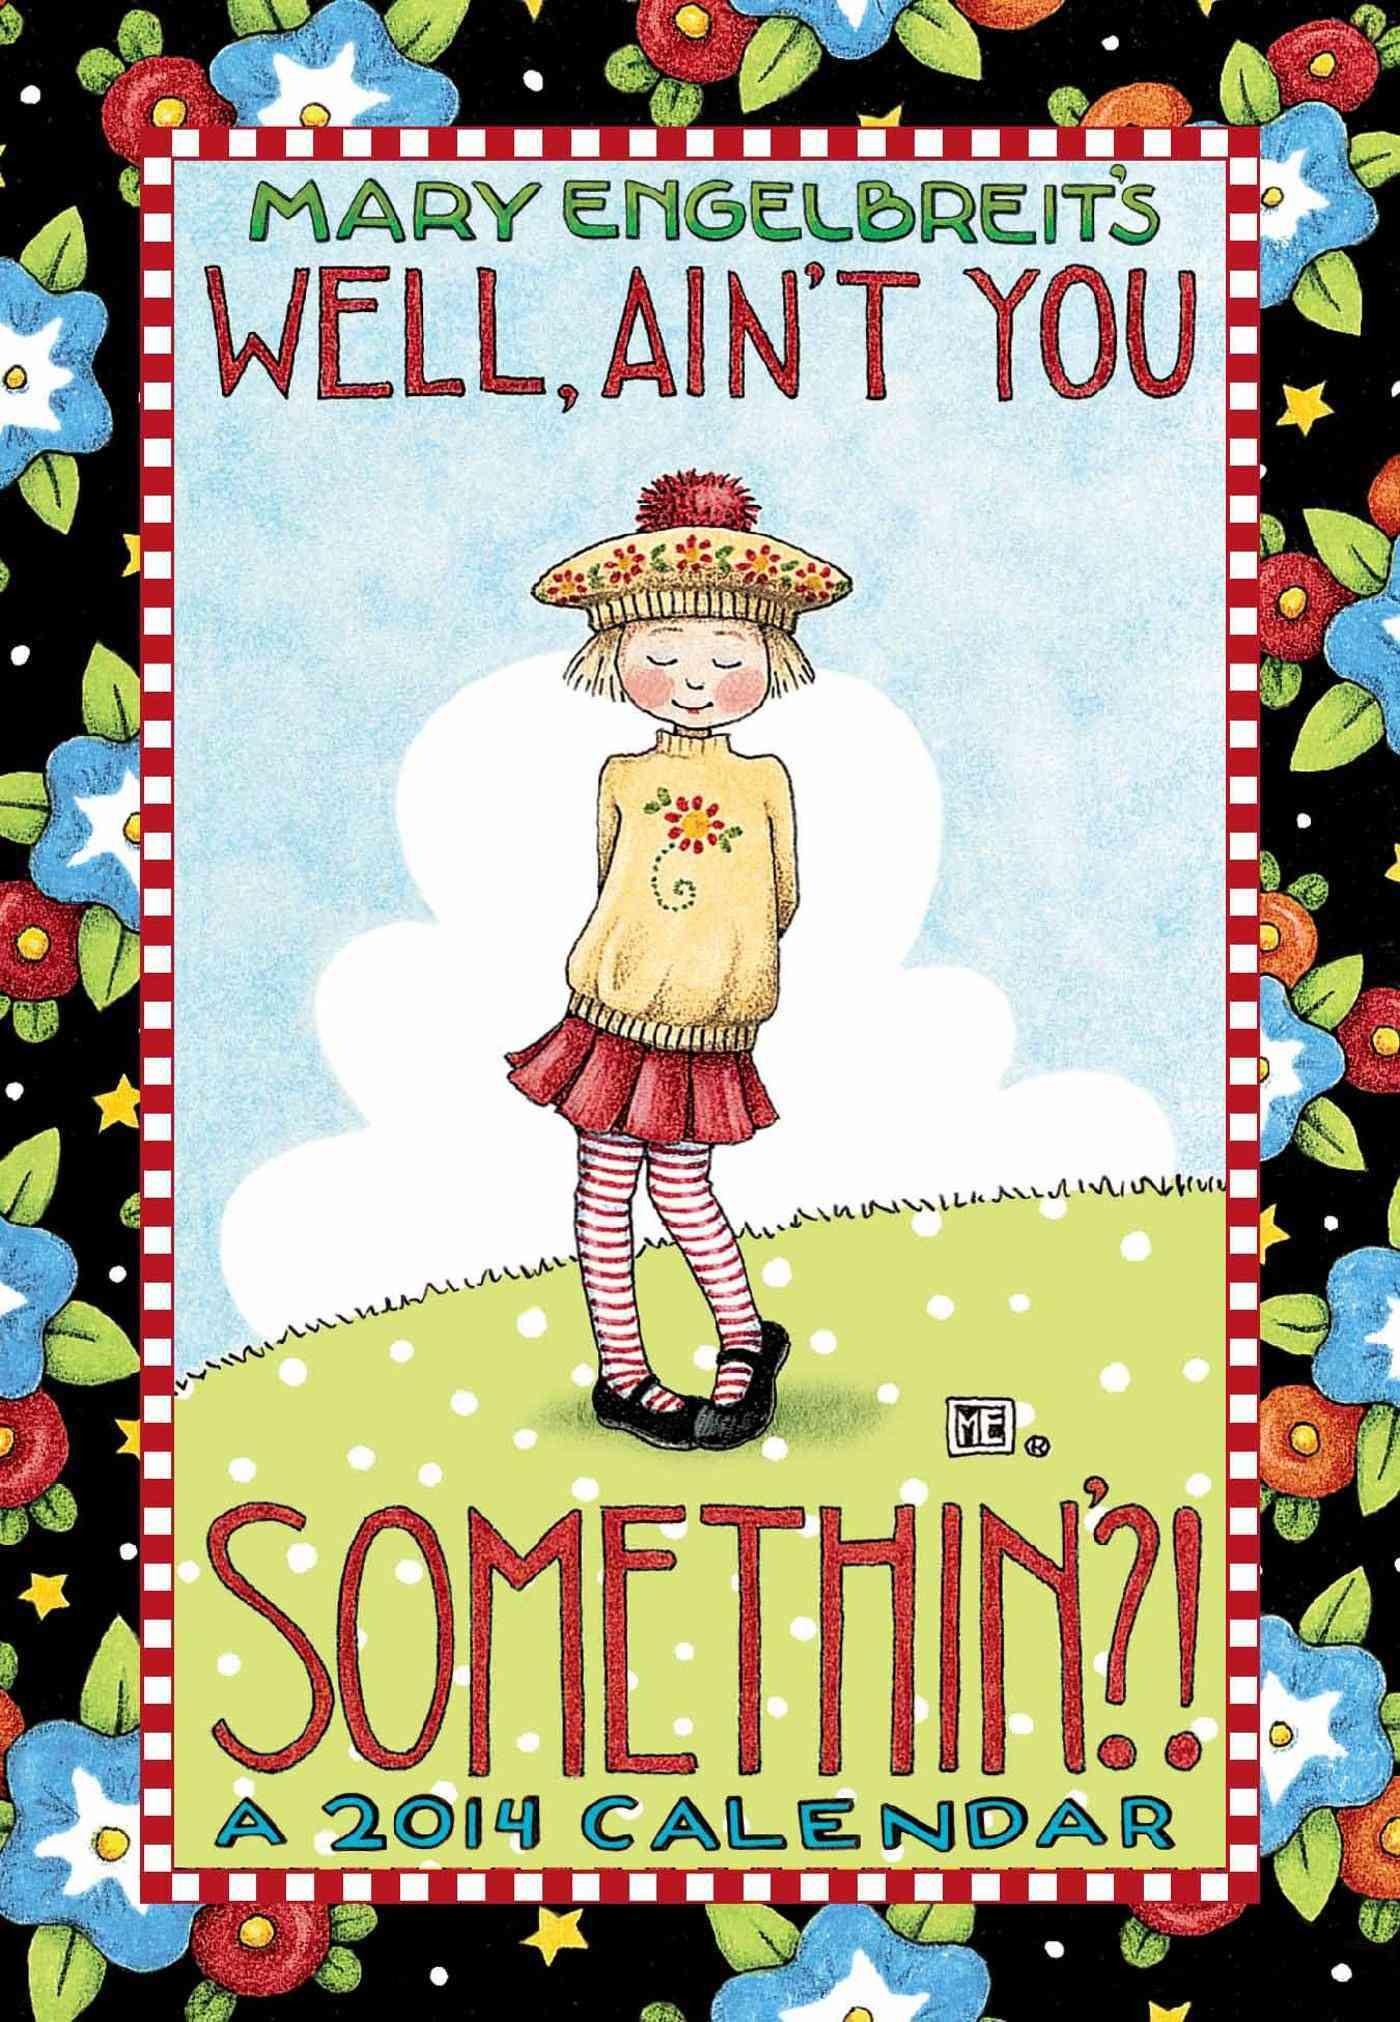 Mary Engelbreit Well, Ain't You Somethin'?! 2014 Calendar (Calendar)